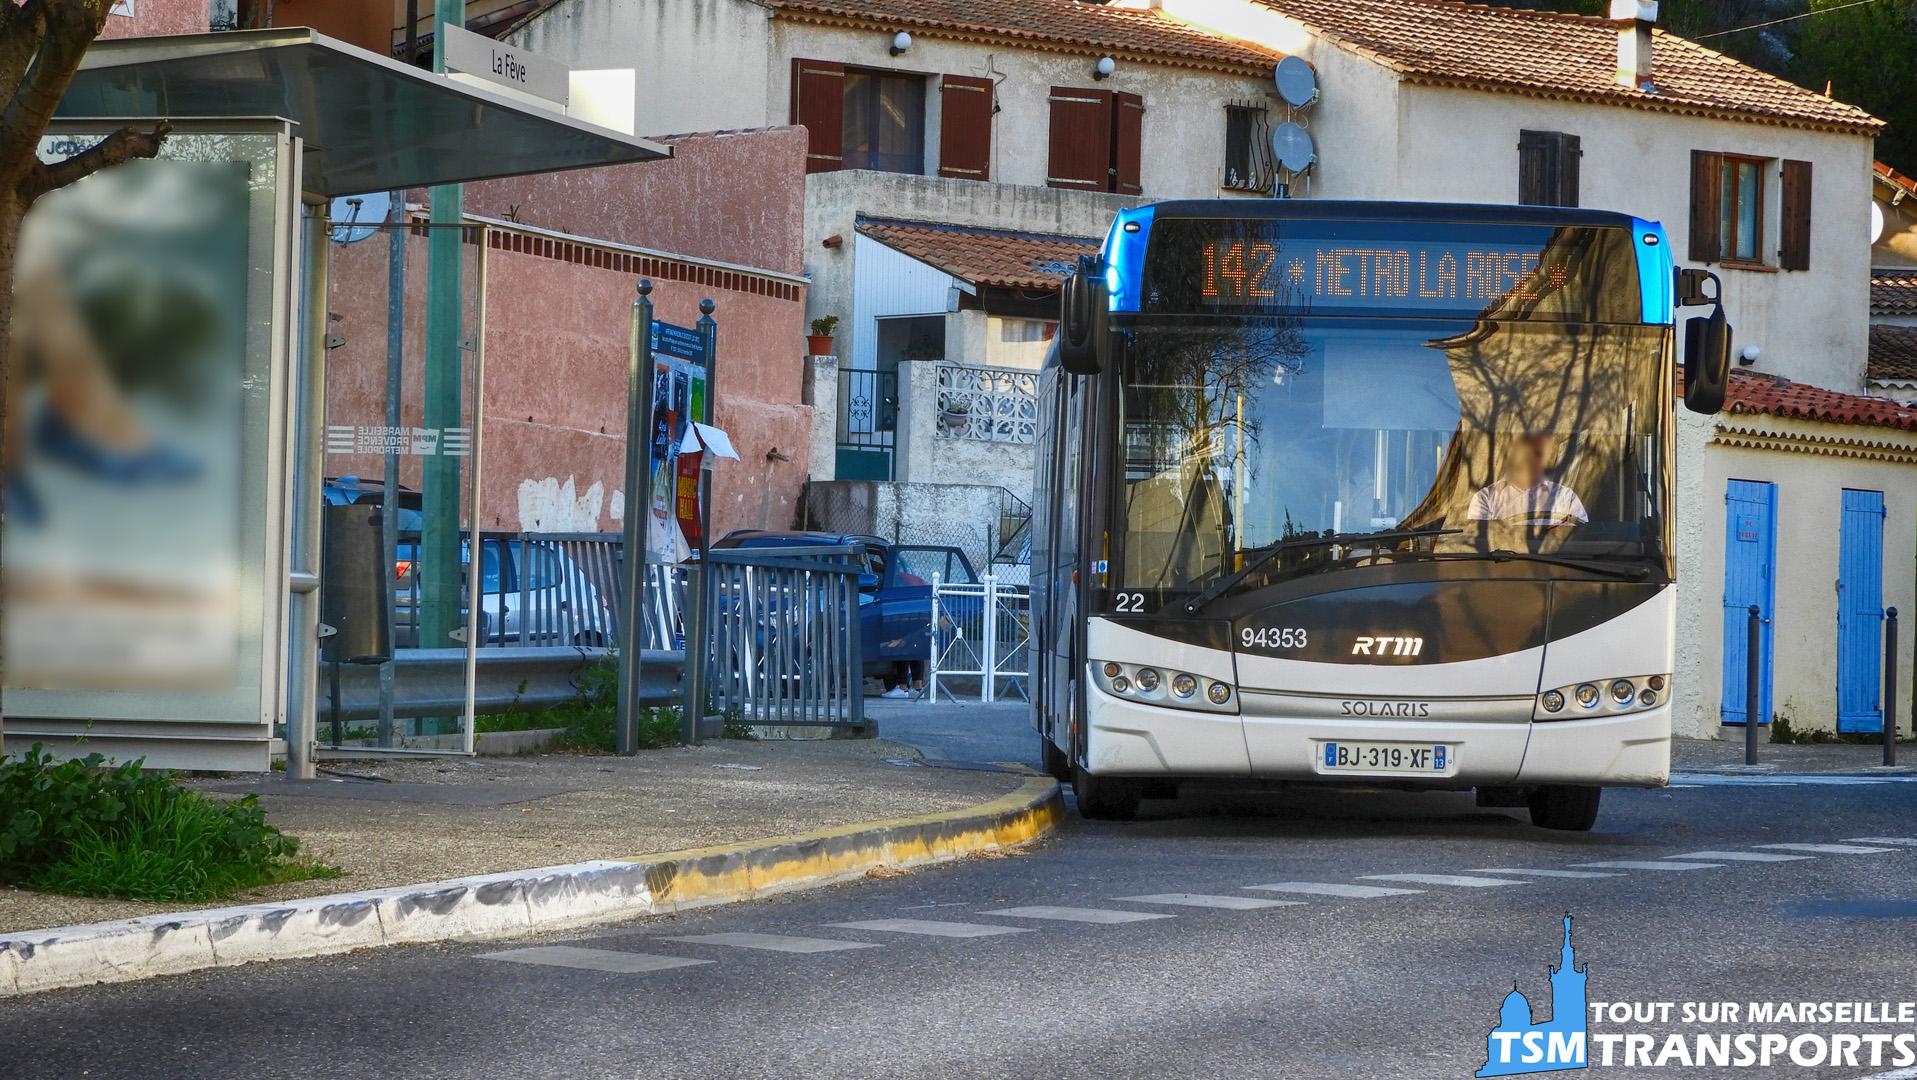 Solaris Urbino 12 V3 n°22 / n°94353 de la société Car du Pays D'aix au Terminus La Fêve